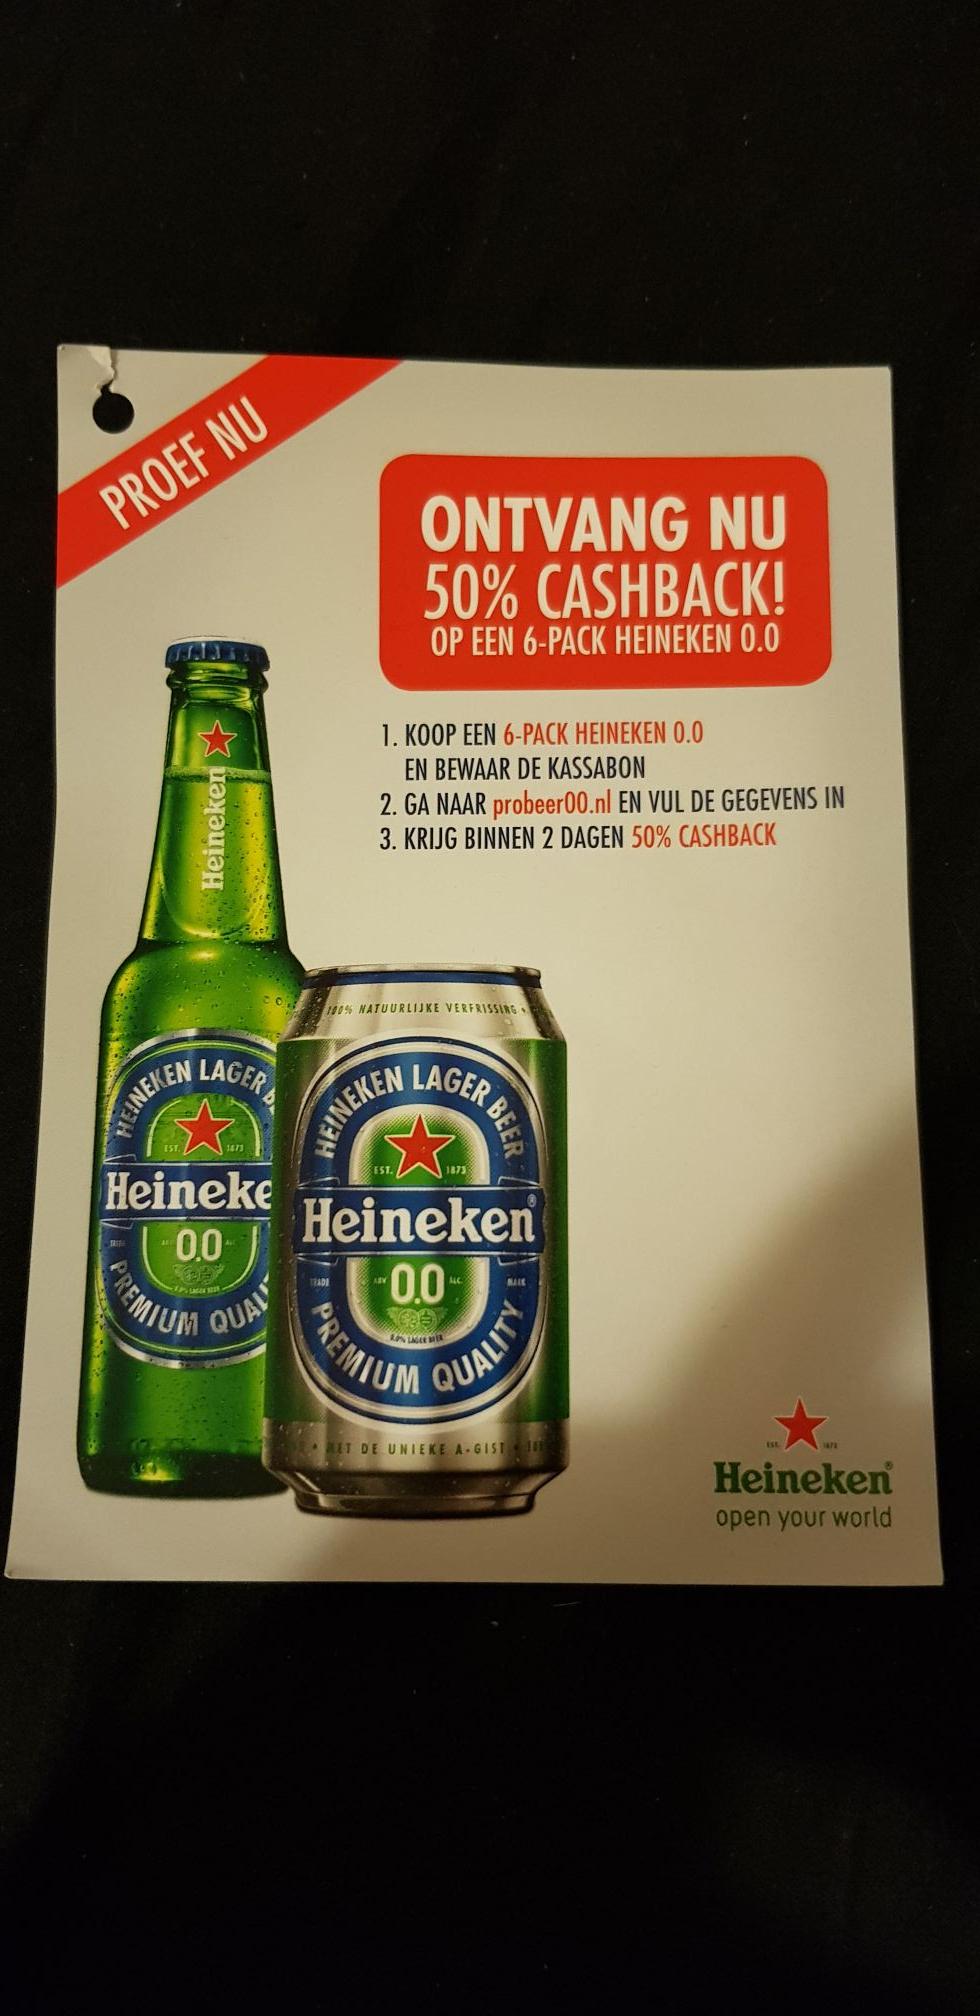 Heineken 0.0 cashback 50%